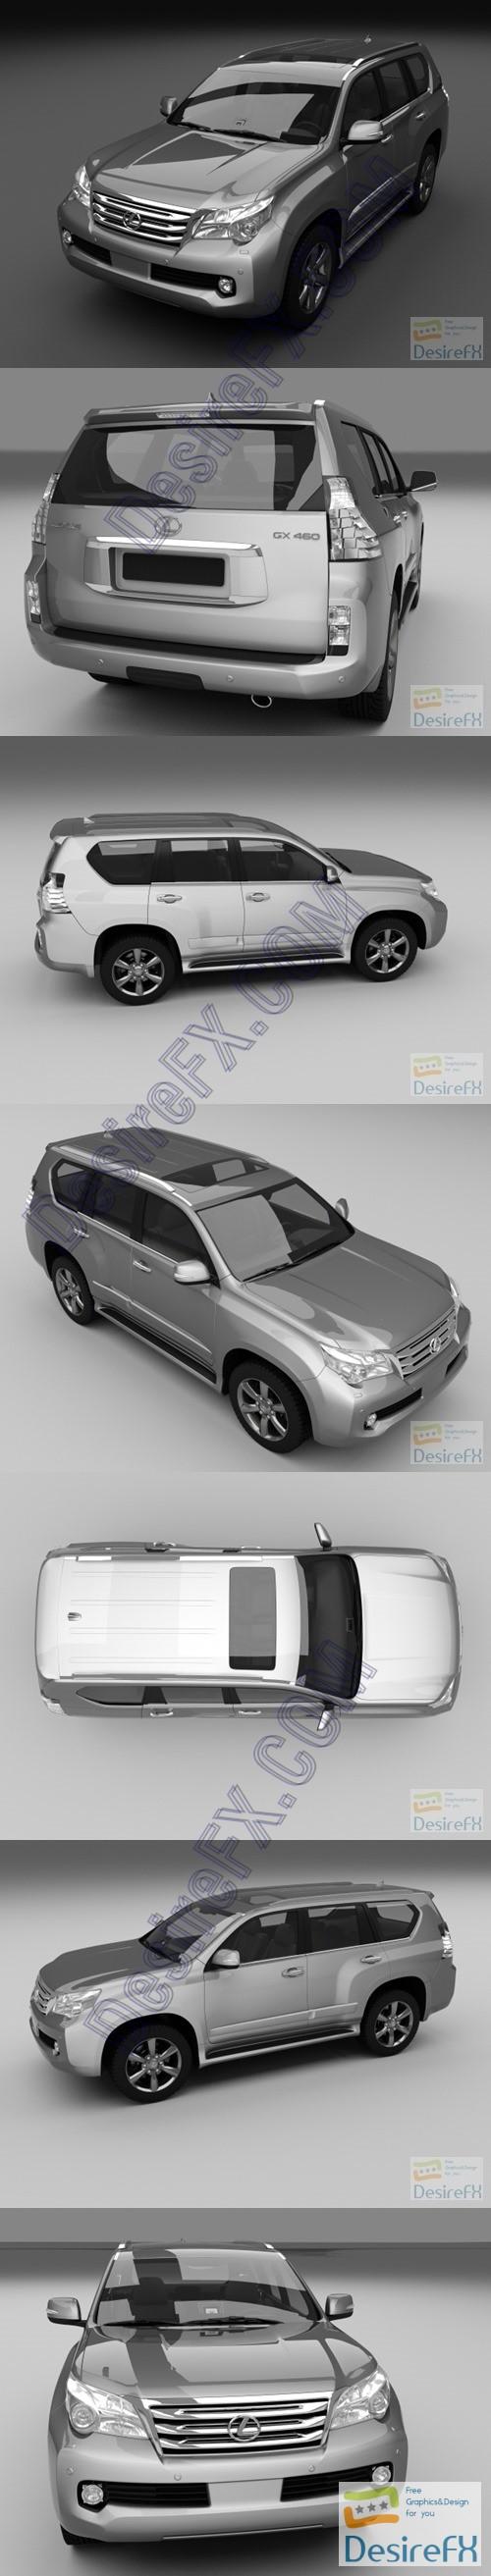 3d-models - Lexus GX460 3D Model